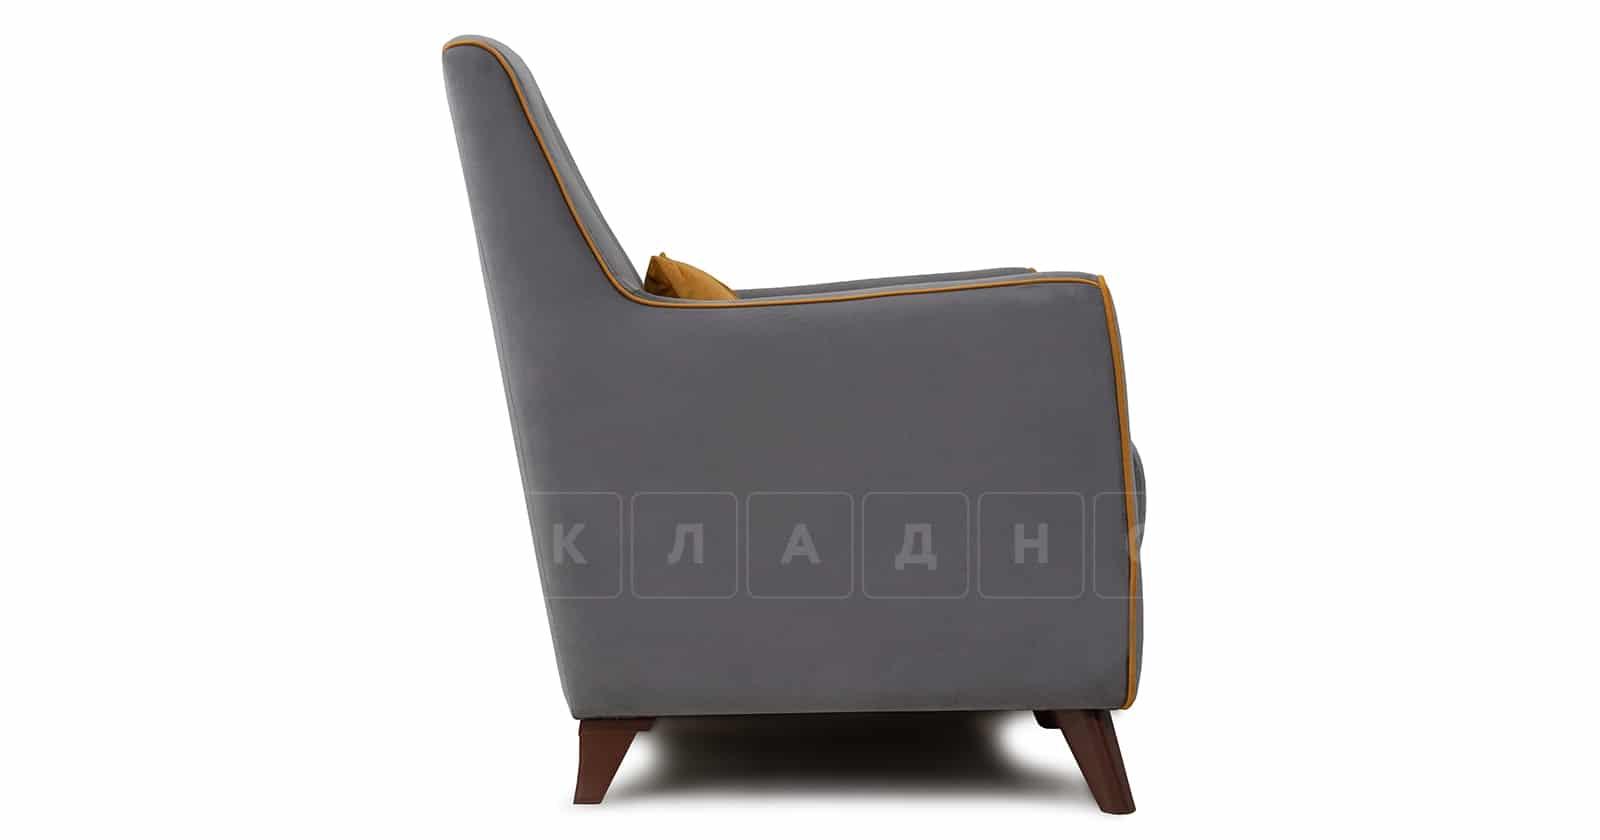 Кресло для отдыха Флэтфорд кварцевый серый фото 3   интернет-магазин Складно